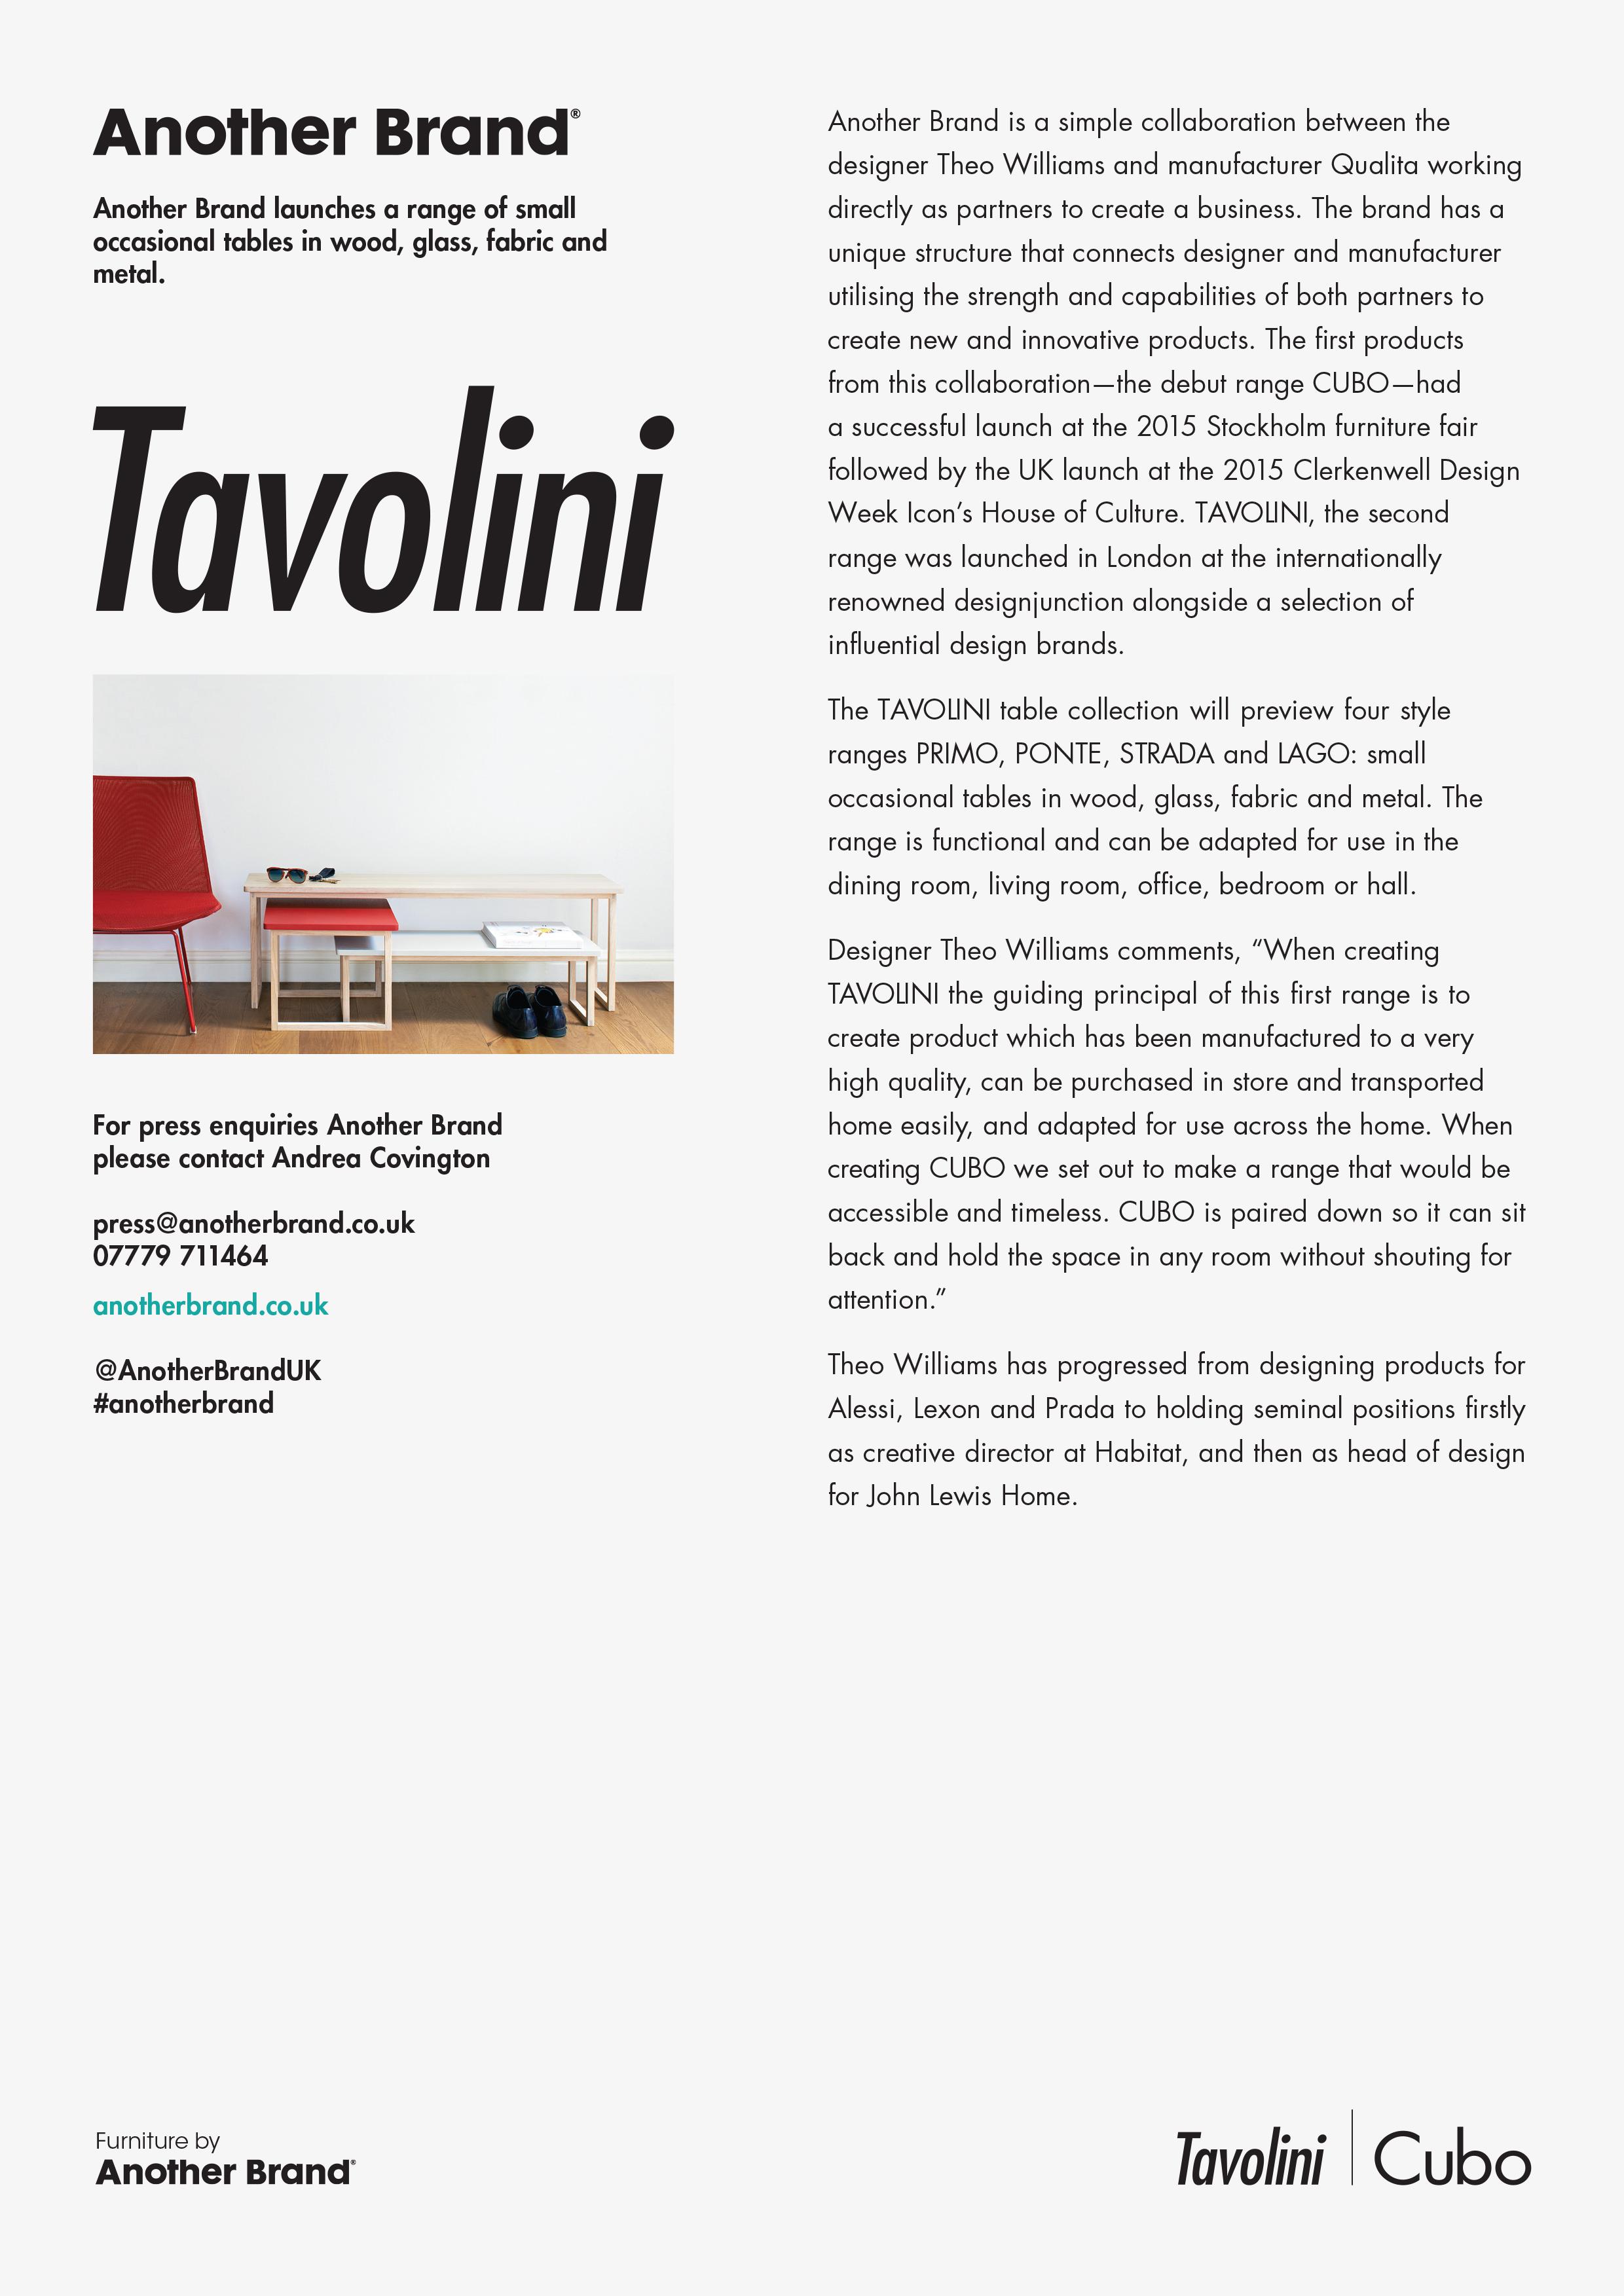 Launching Tavolini